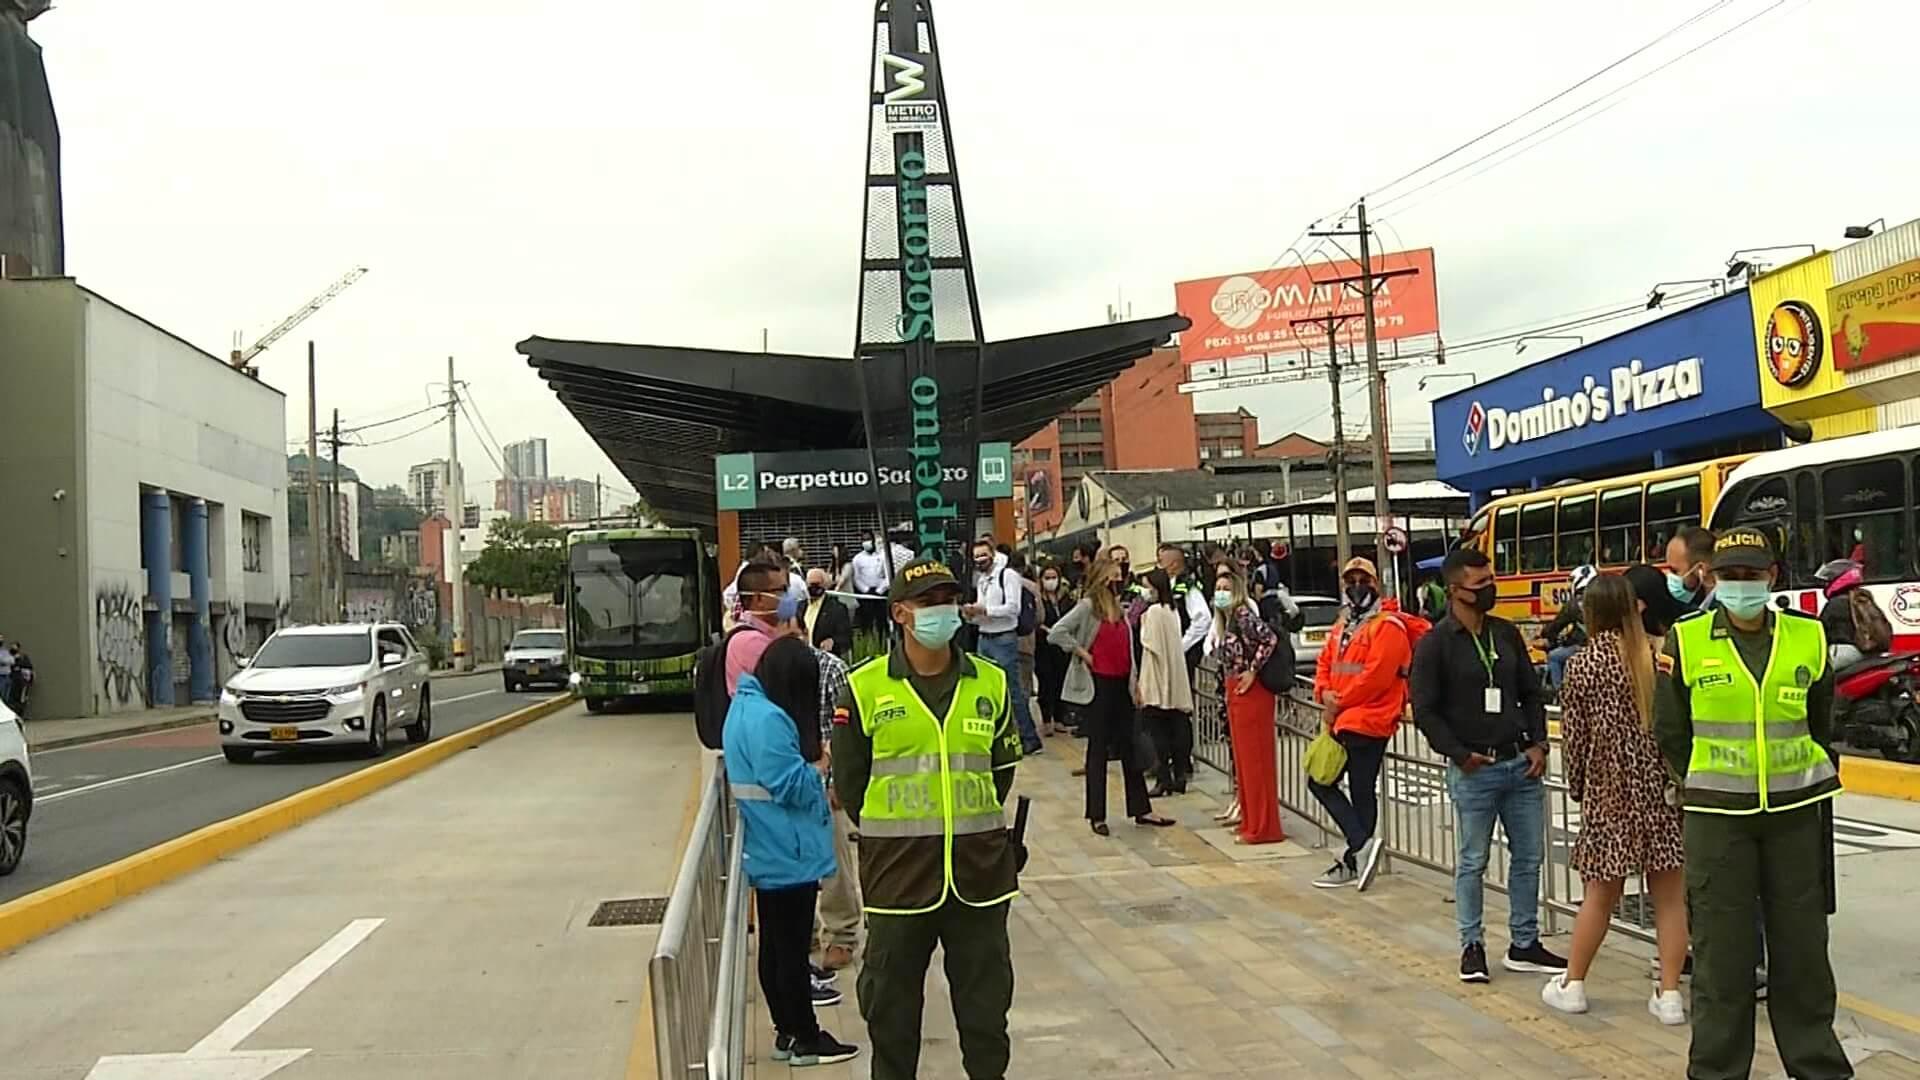 Comenzó operación de Metroplús por Avenida Oriental